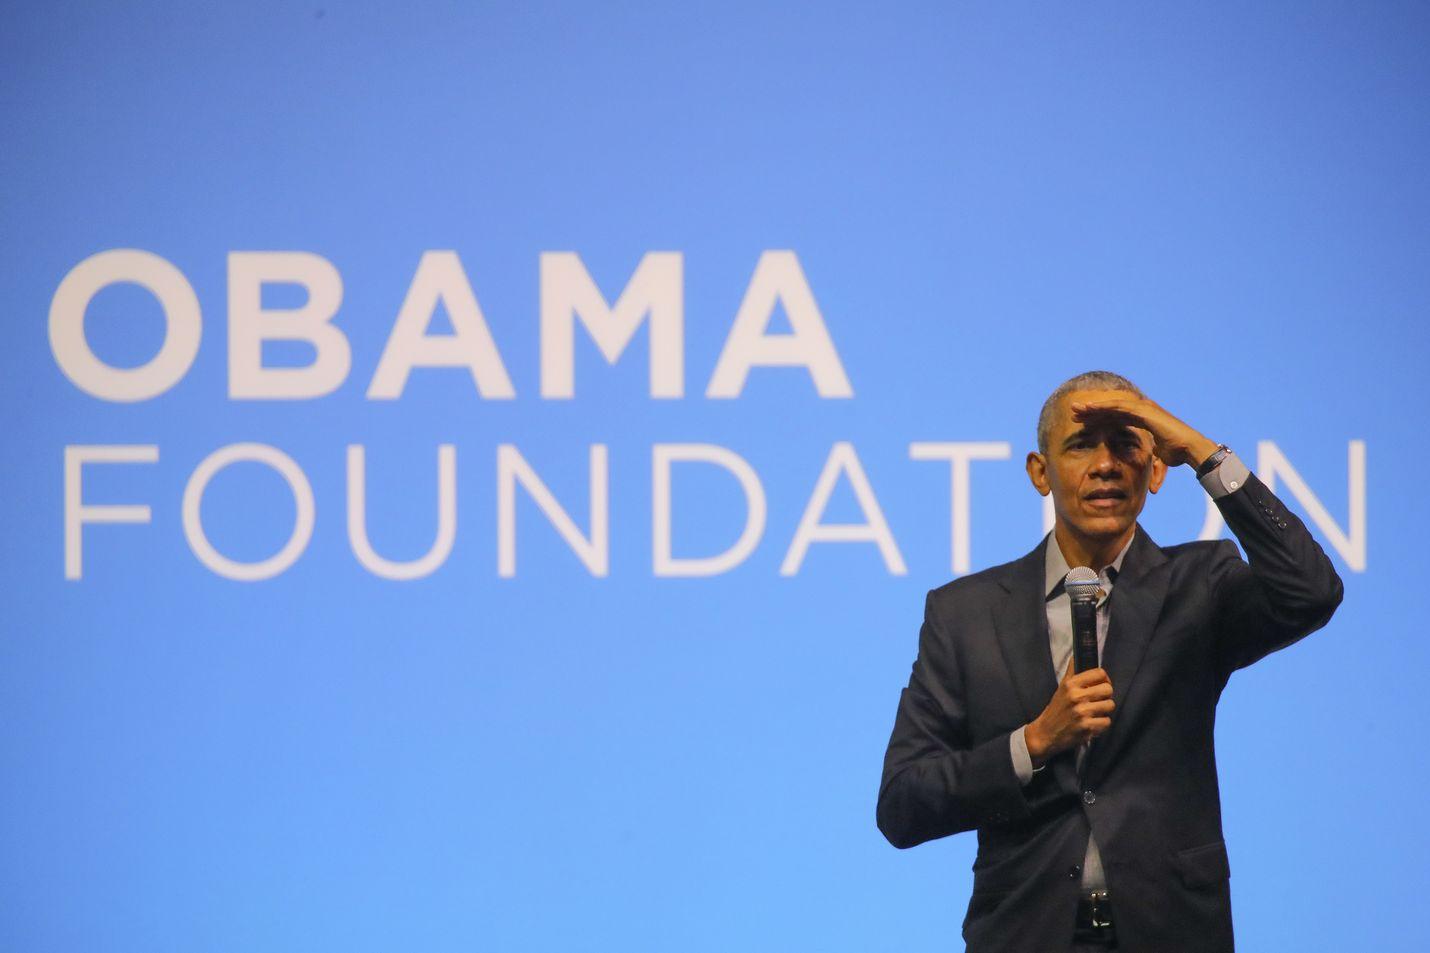 Ex-presidentti Barack Obaman uusi muistelmateos ilmestyy tiistaina. Hänet kuvattiin vuosi sitten Malesiassa Obama-säätiön tapahtumassa.